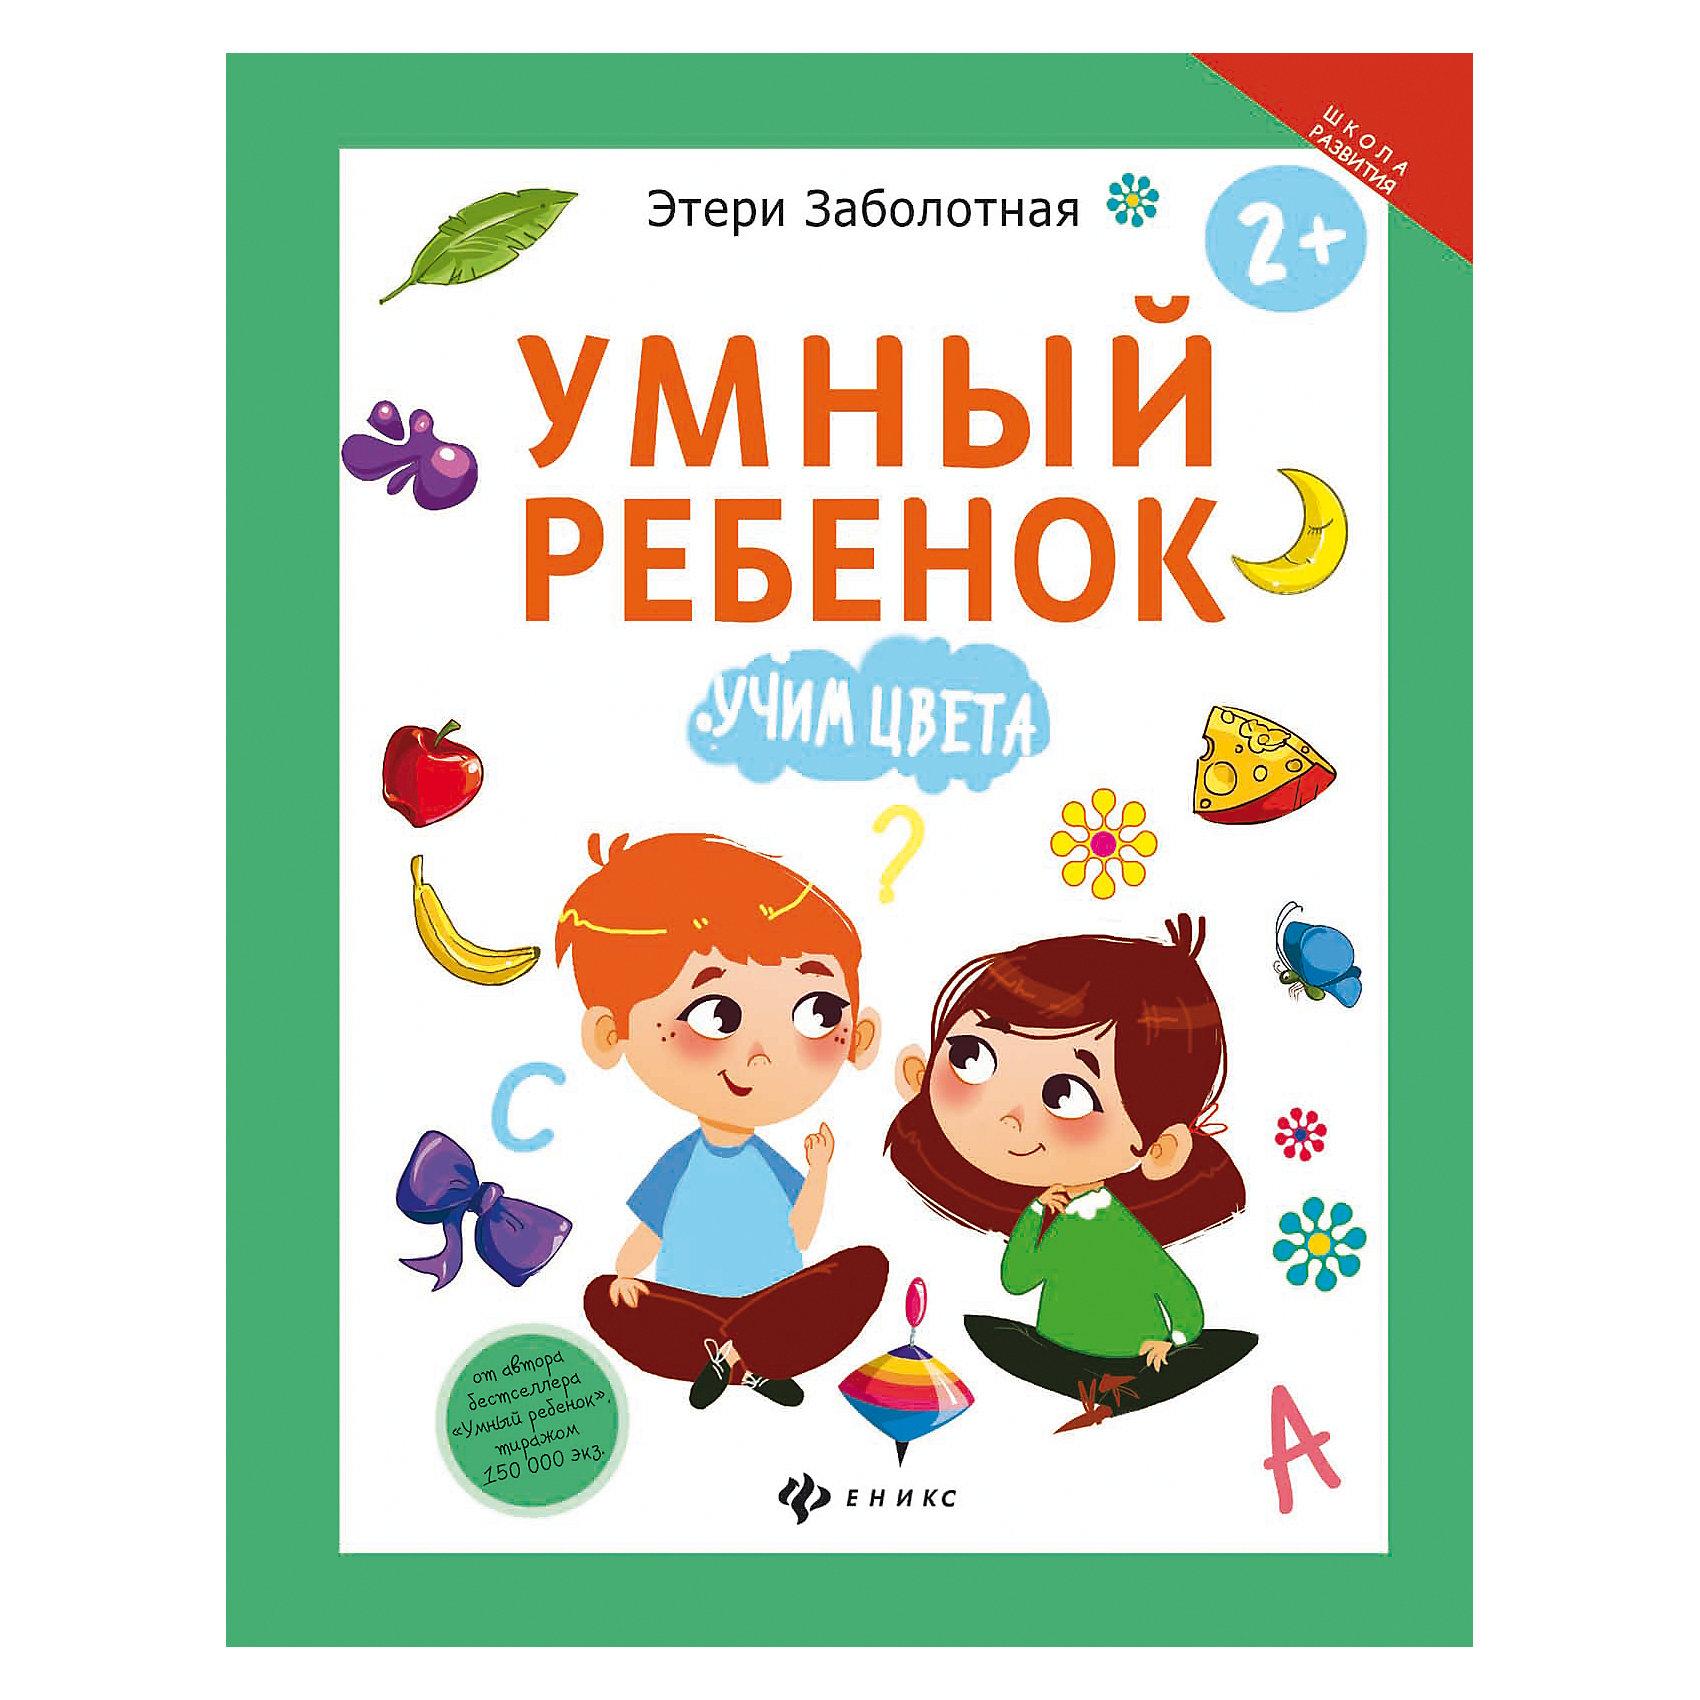 Книга Умный ребенок: учим цветаОбучающие книги<br>С самого раннего действия ребенок стремится изучать окружающий мир. Прежде всего, ребенок знакомится с предметами, находящимися рядом. Он постепенно изучает свойства предметов: форму, цвет и размер. 2 года - идеальный возраст для изучения цветов с ребенком. Данная книга представляет собой разработанную авторскую методику для развития цветового восприятия у ребенка. Теперь Вам не придется ломать голову над тем, как научить вашего ребенка различать цвета.<br>Уважаемые родители! С ребенком нужно заниматься не более 15минут! Обязательно хвалите ребенка за успешно выполненные упражнения и не ругайте, если не все сразу выходит хорошо!<br><br>Ширина мм: 200<br>Глубина мм: 201<br>Высота мм: 260<br>Вес г: 520<br>Возраст от месяцев: 36<br>Возраст до месяцев: 2147483647<br>Пол: Унисекс<br>Возраст: Детский<br>SKU: 5518163